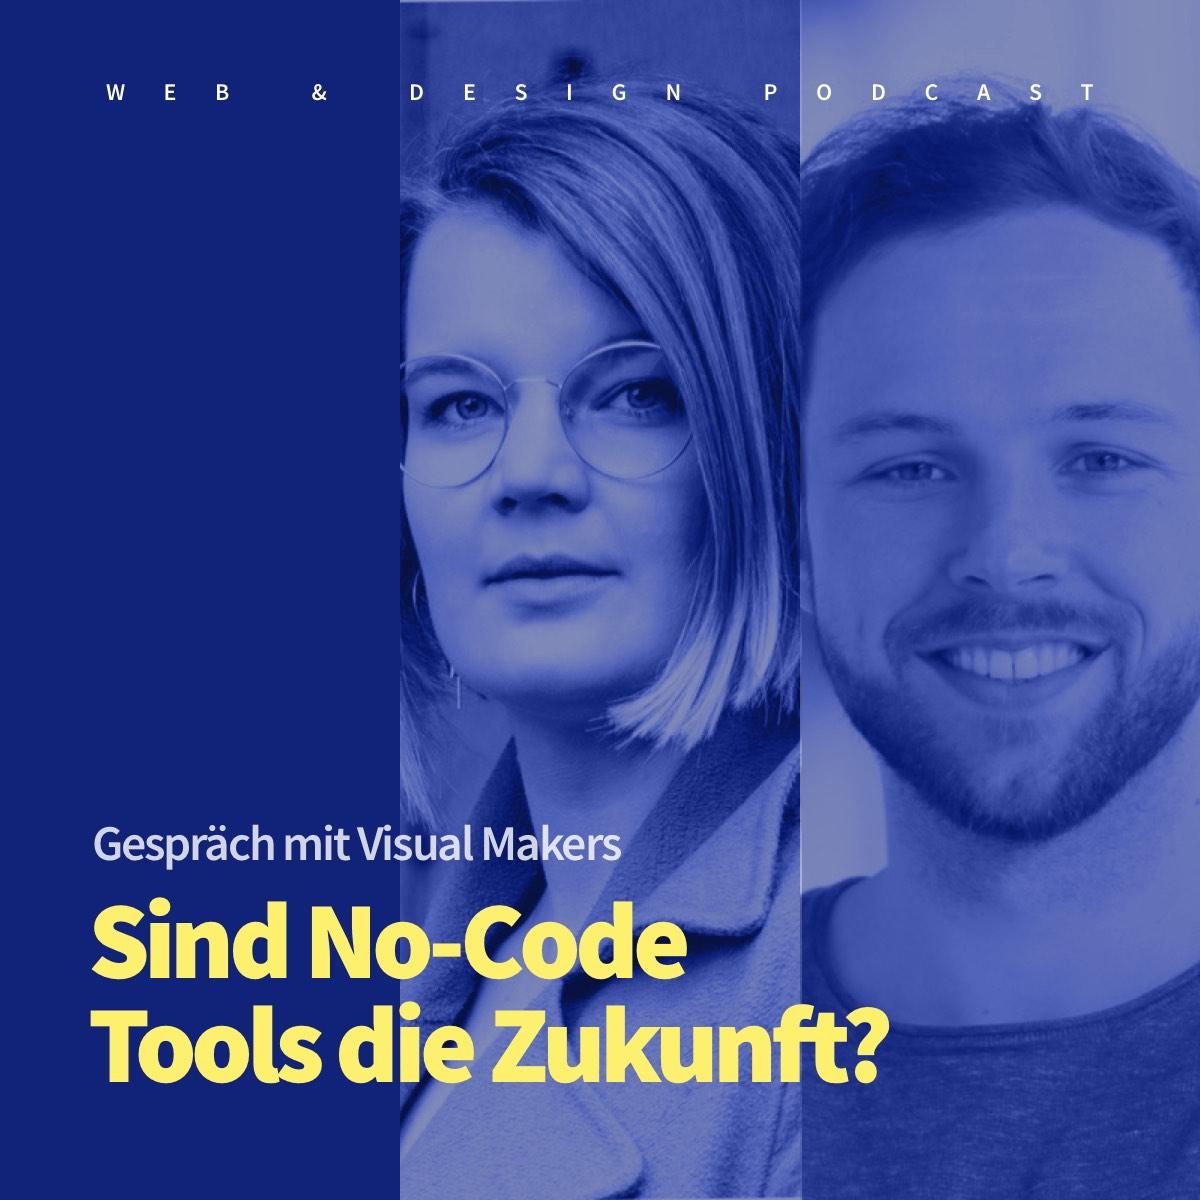 Sind No-Code Tools die Zukunft? Gespräch mit Visual Makers